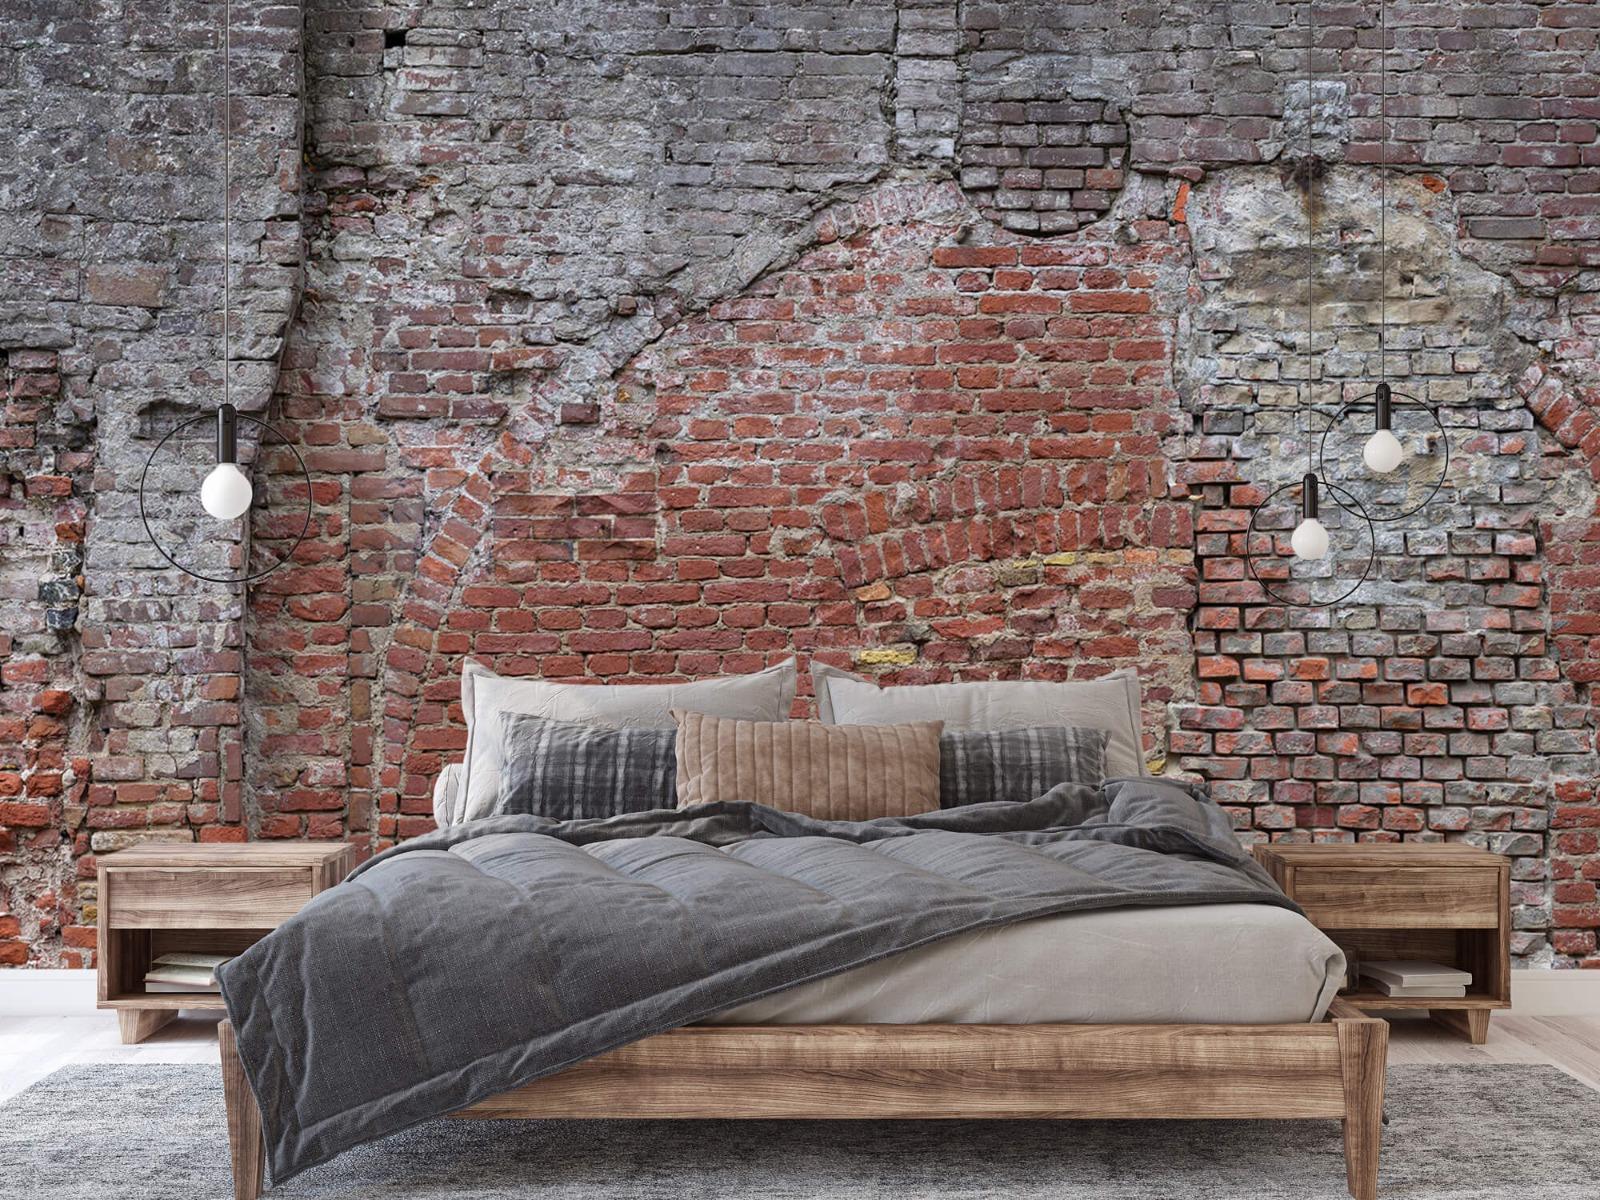 Steen behang - Oude herstelde stadsmuur - Tienerkamer 3